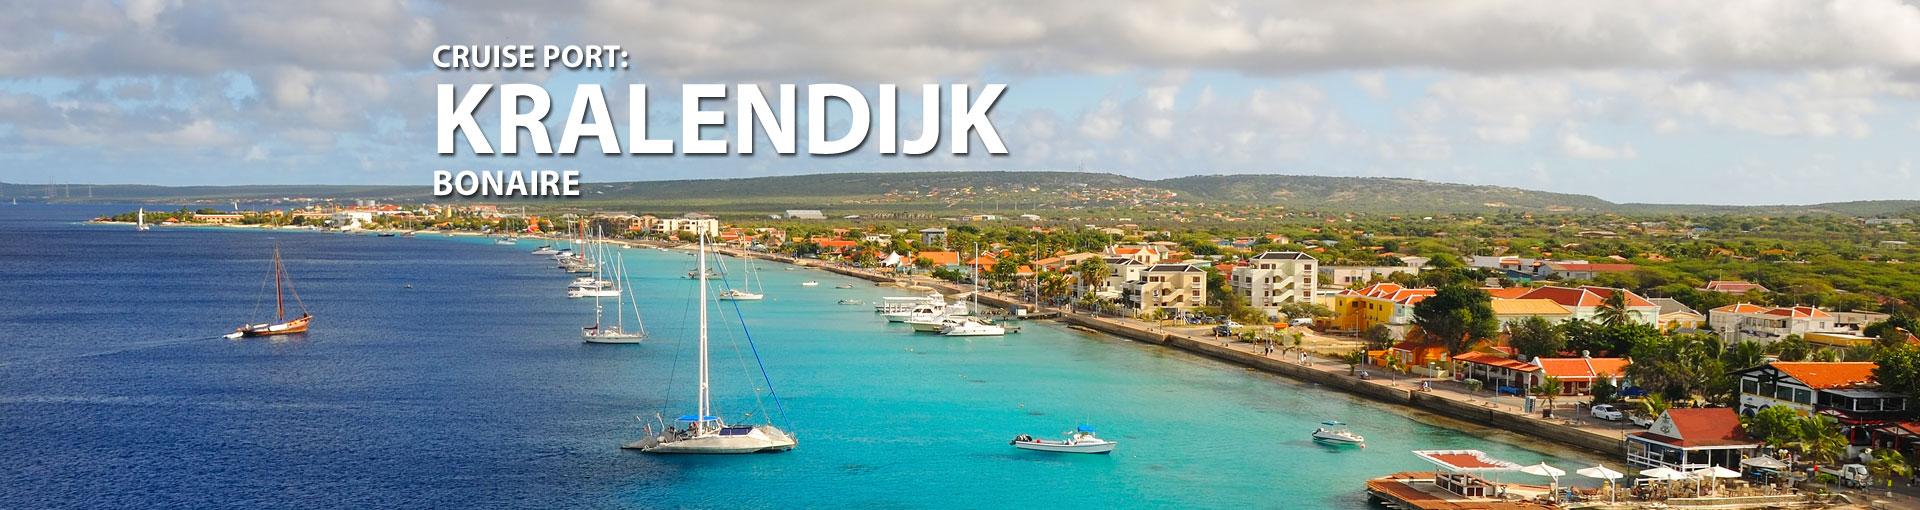 Cruises to Kralendijk, Bonaire